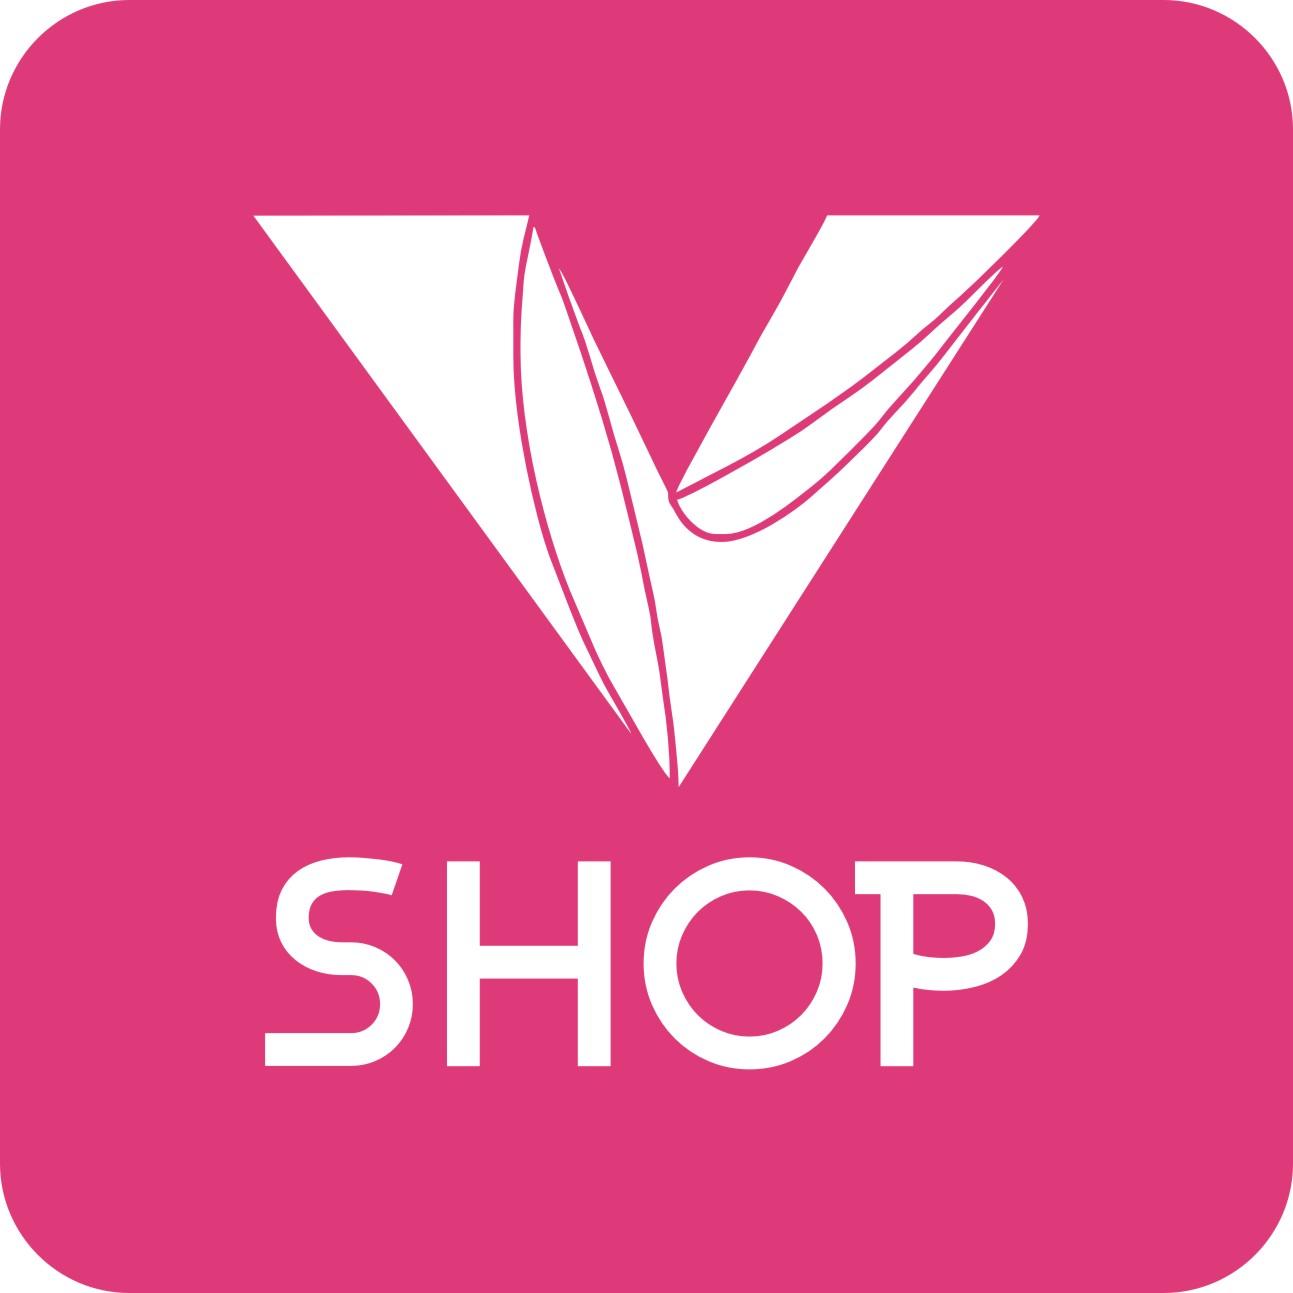 logo logo 标志 设计 矢量 矢量图 素材 图标 1293_1293